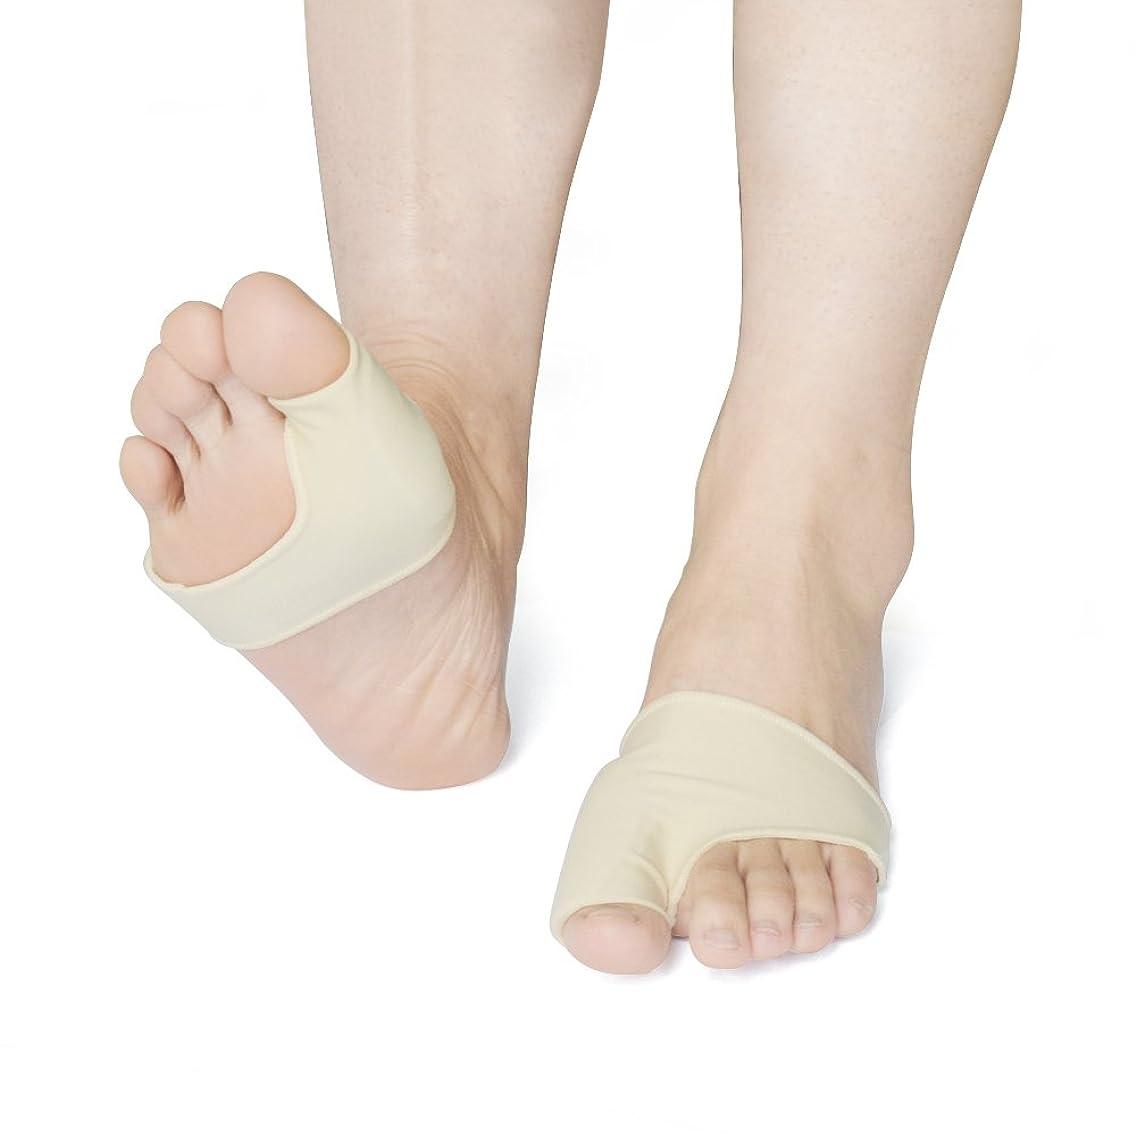 成功する自発証言するKONMEI 外反母趾 サポーター 足底筋膜炎 インソール 足裏 足底 痛み クッション(2個入り)